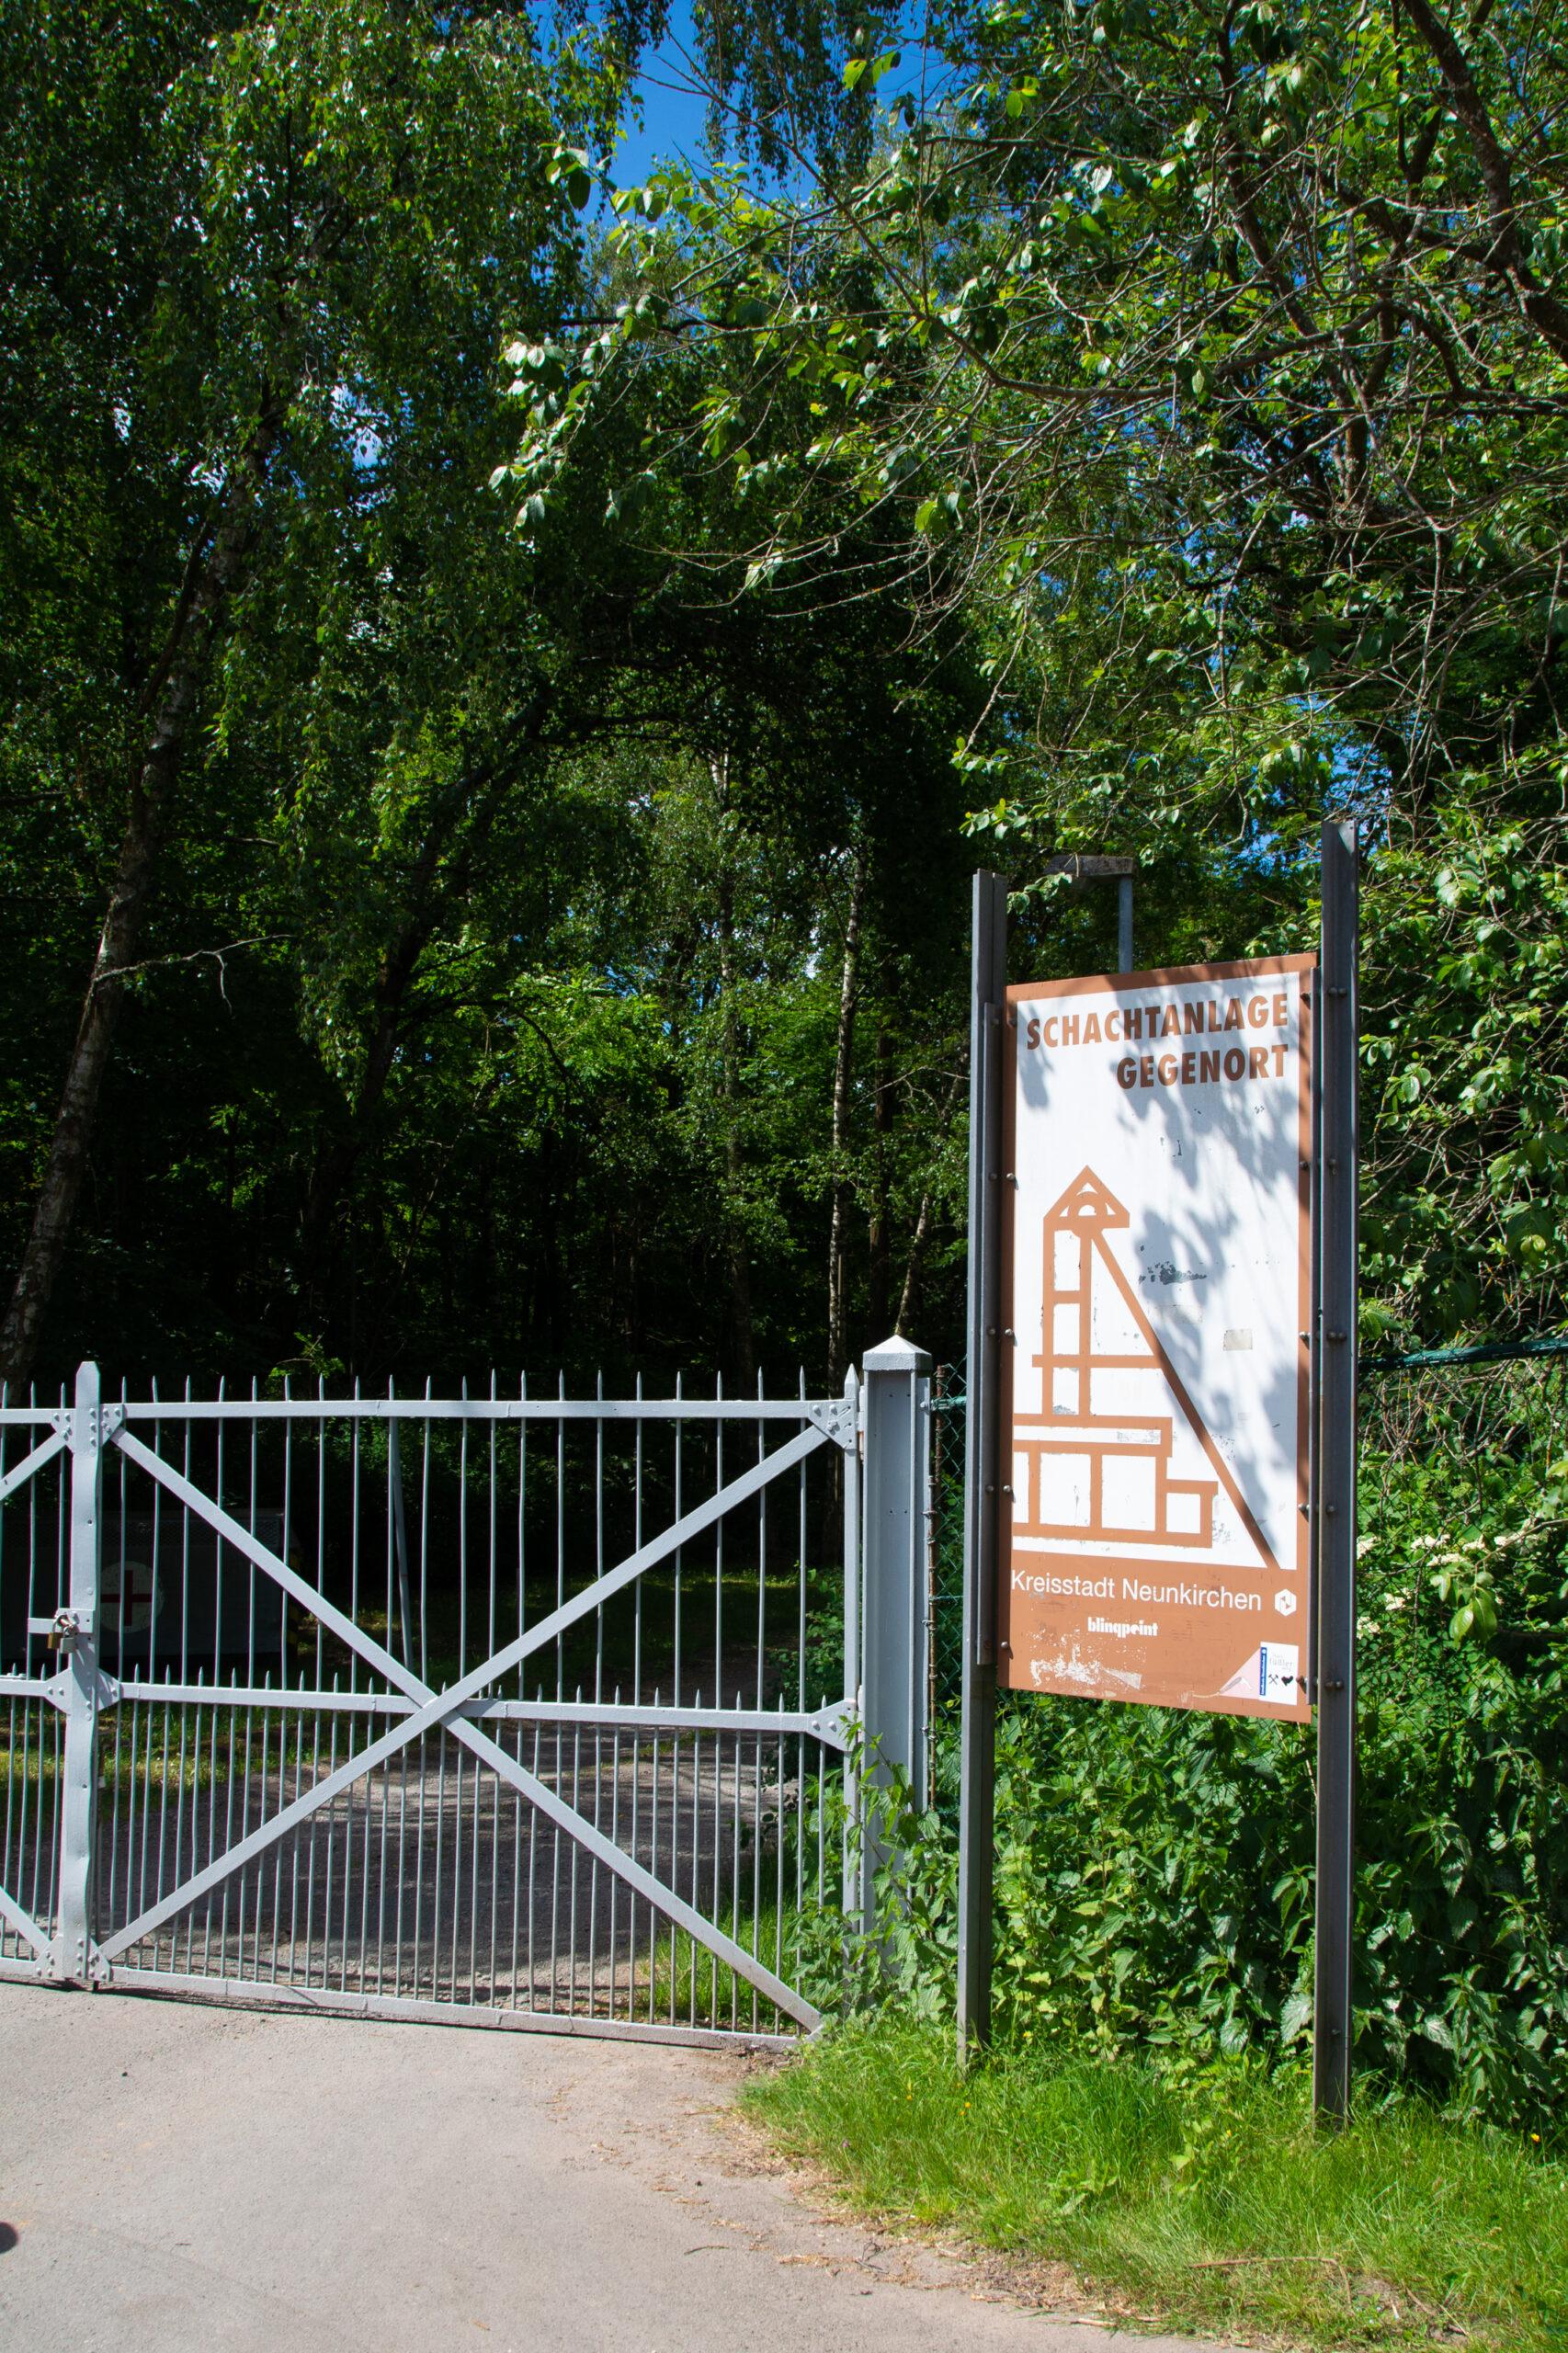 Gegenortschacht Wiebelskirchen | Dreischleifenweg Kohlwald | Neunkirchen | Saarland | Bergbau